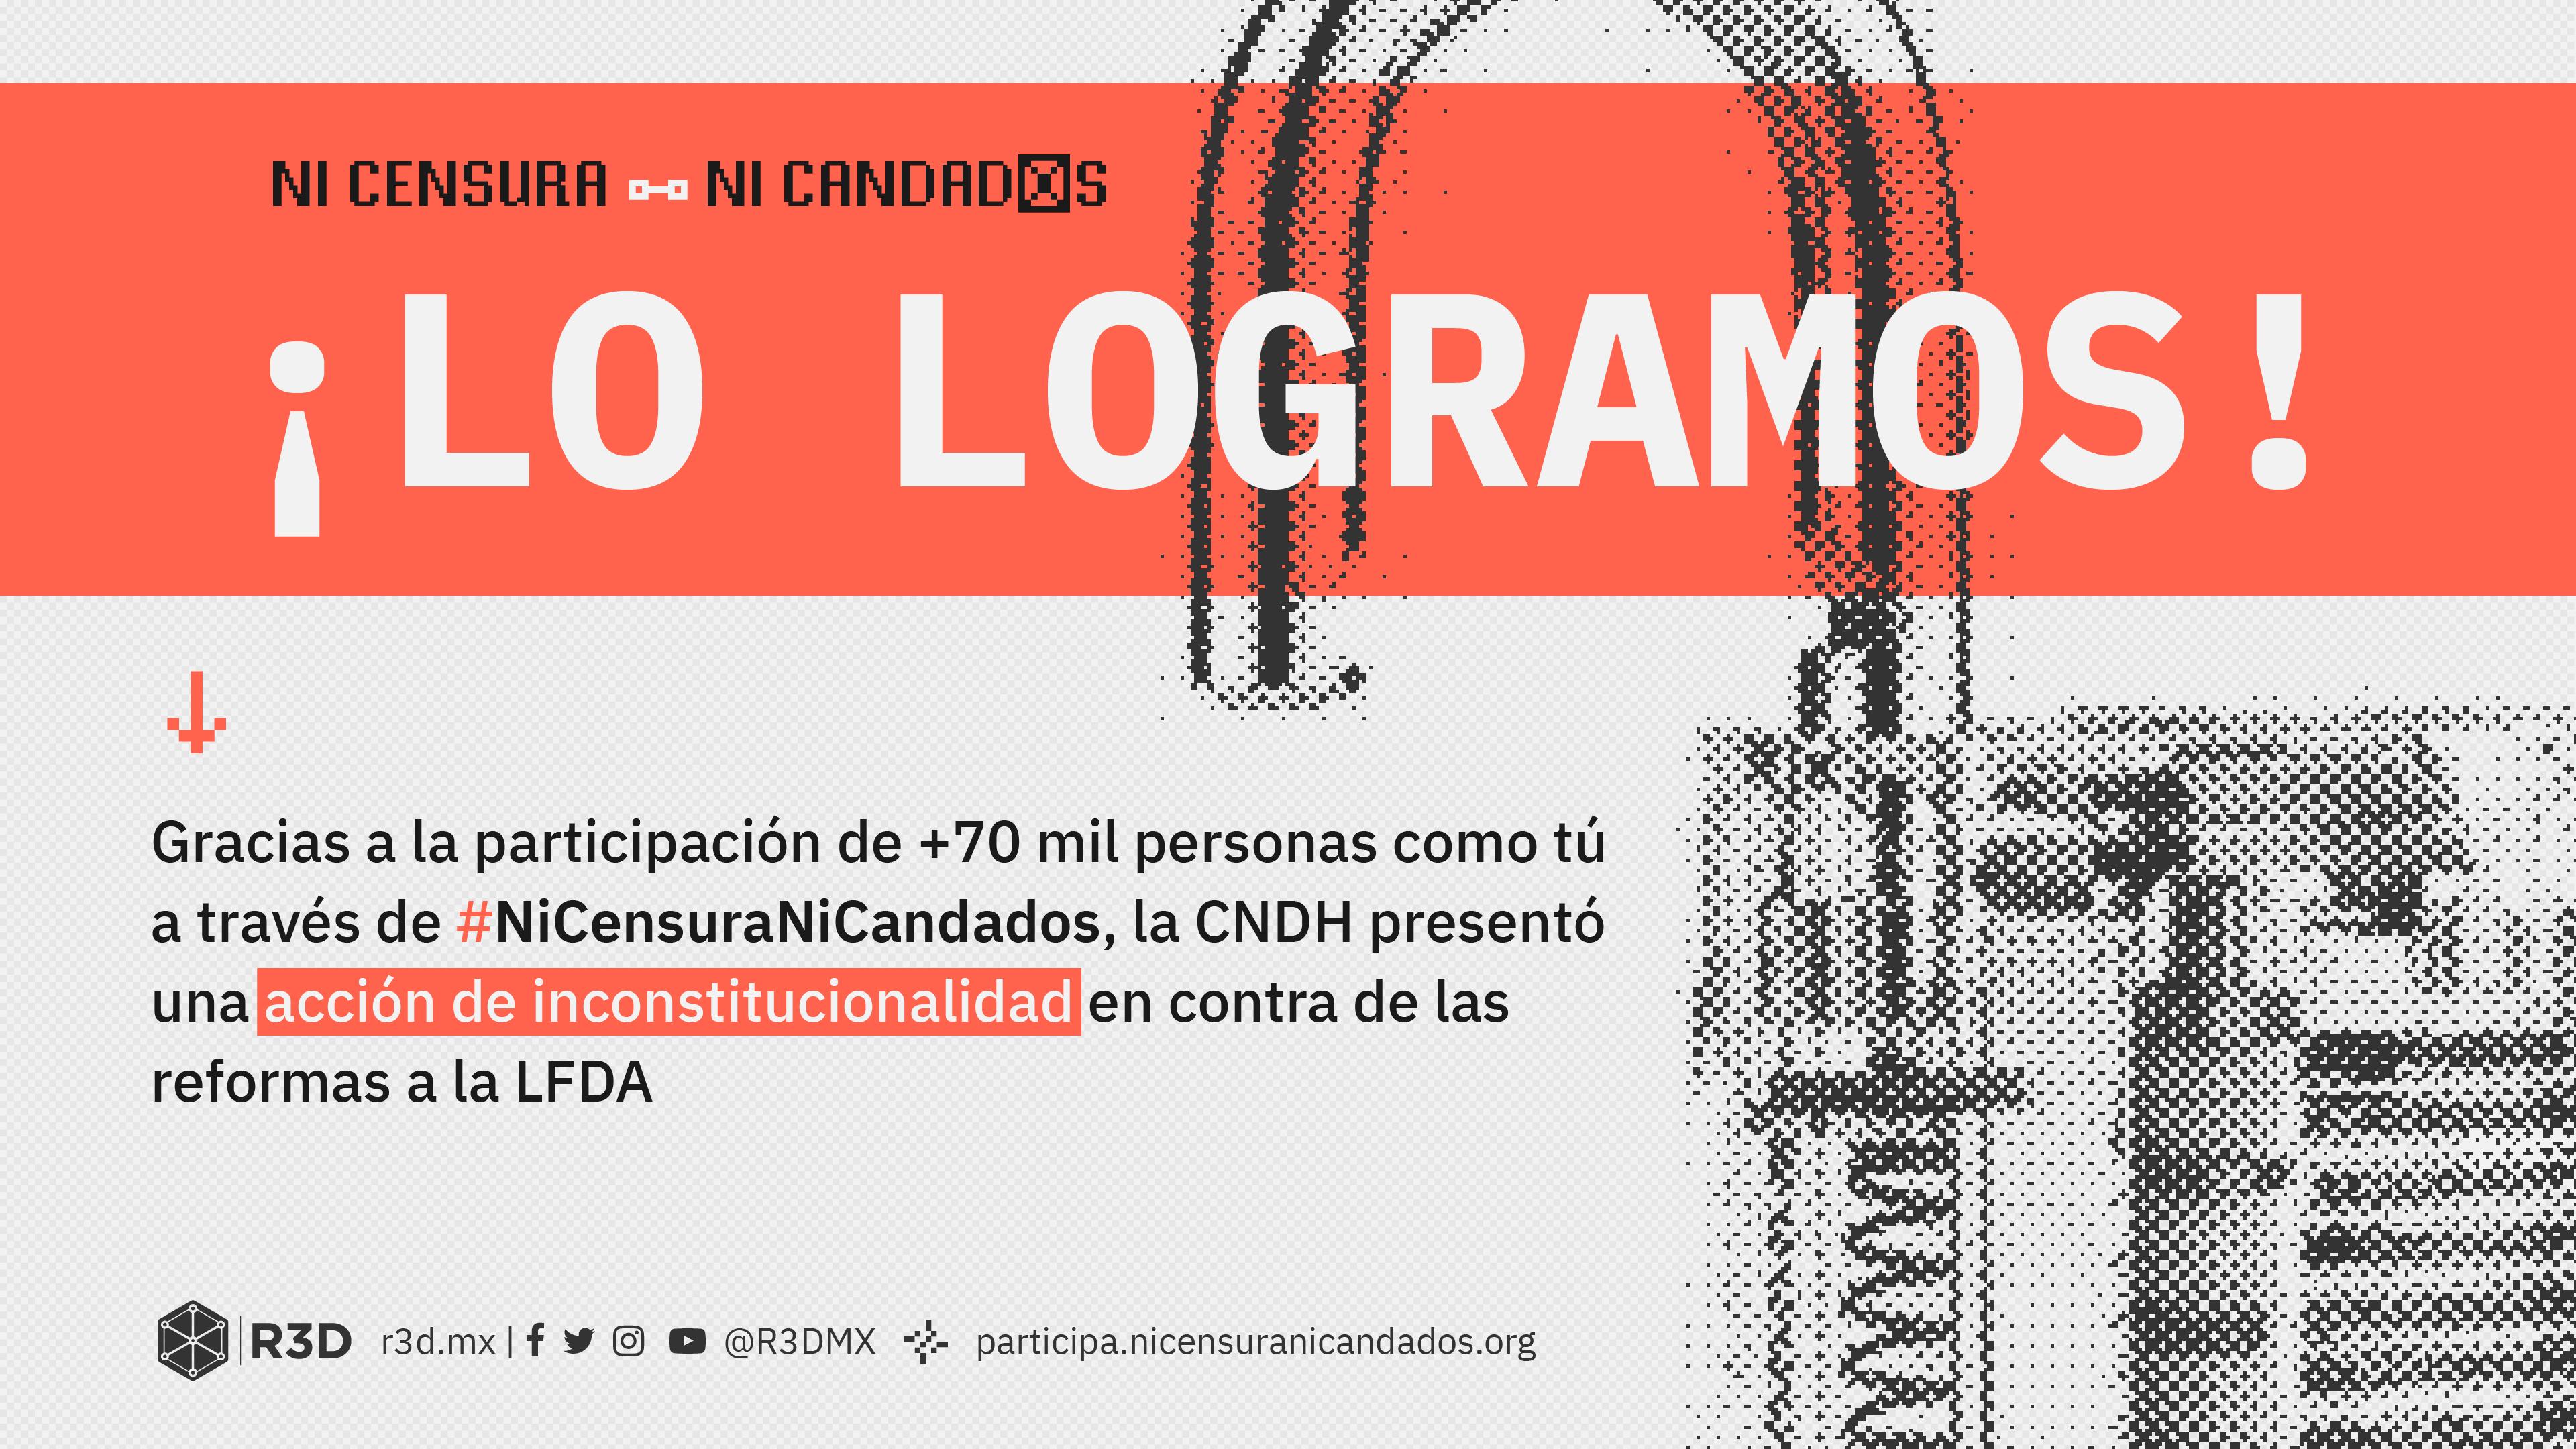 CNDH pide inconstitucionalidad en reformas a la Ley de Derechos de Autor 2